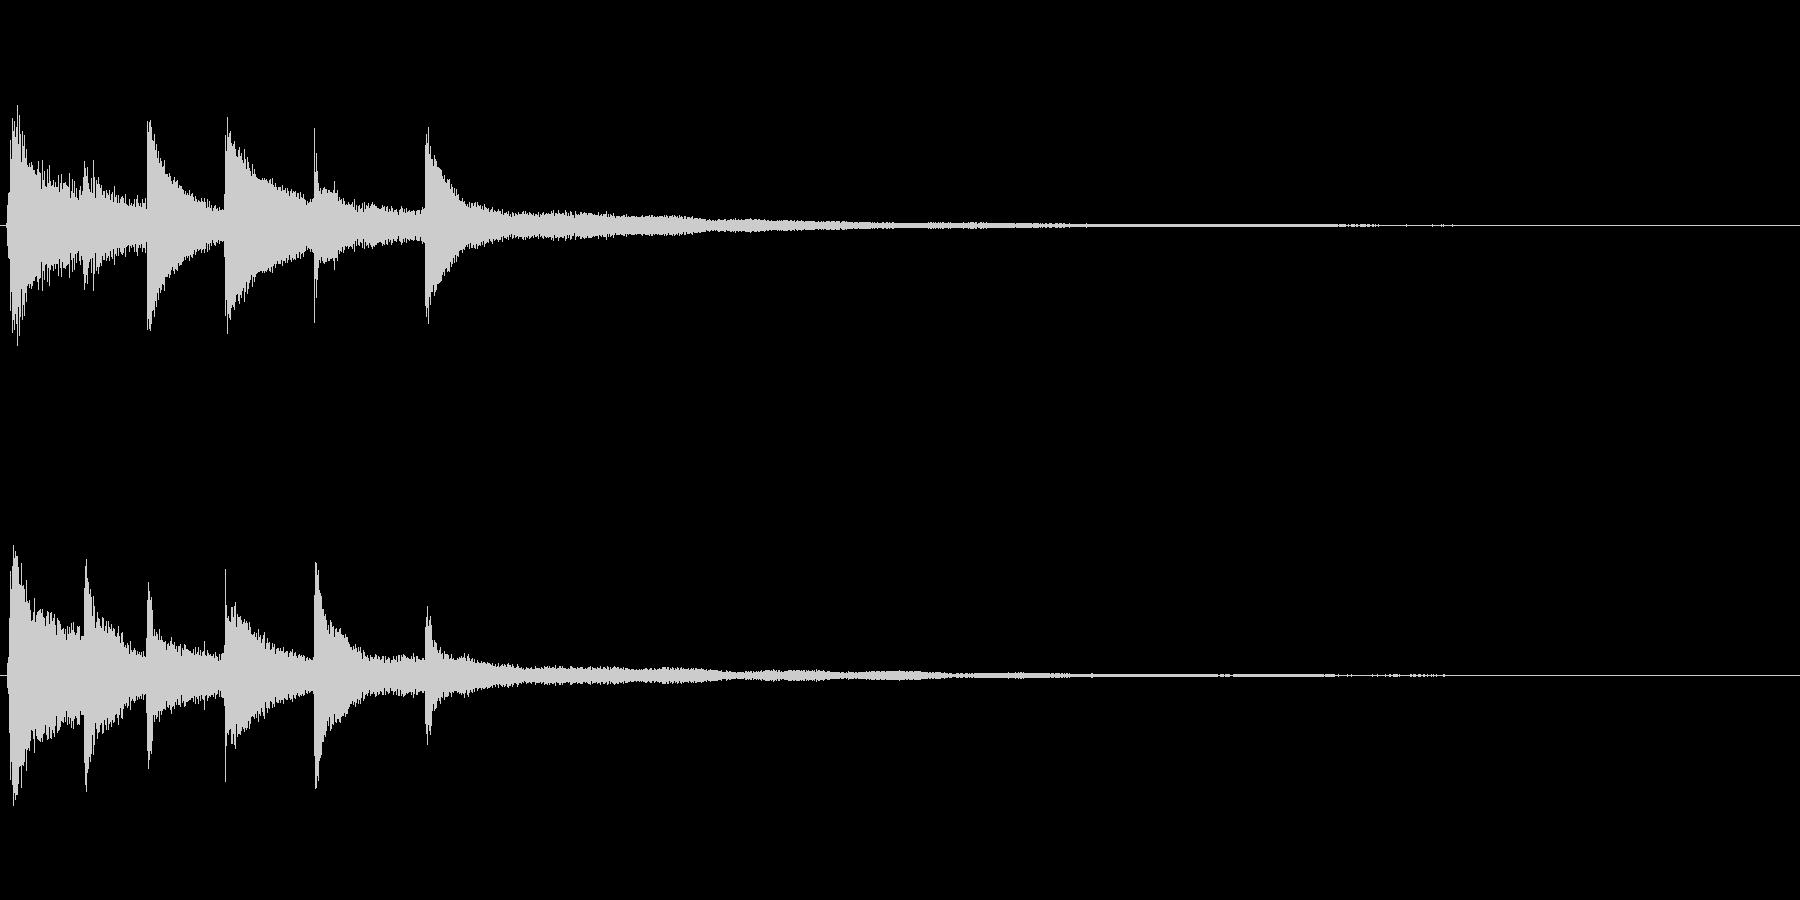 ピアノソロサウンドロゴ 優雅 大人 11の未再生の波形